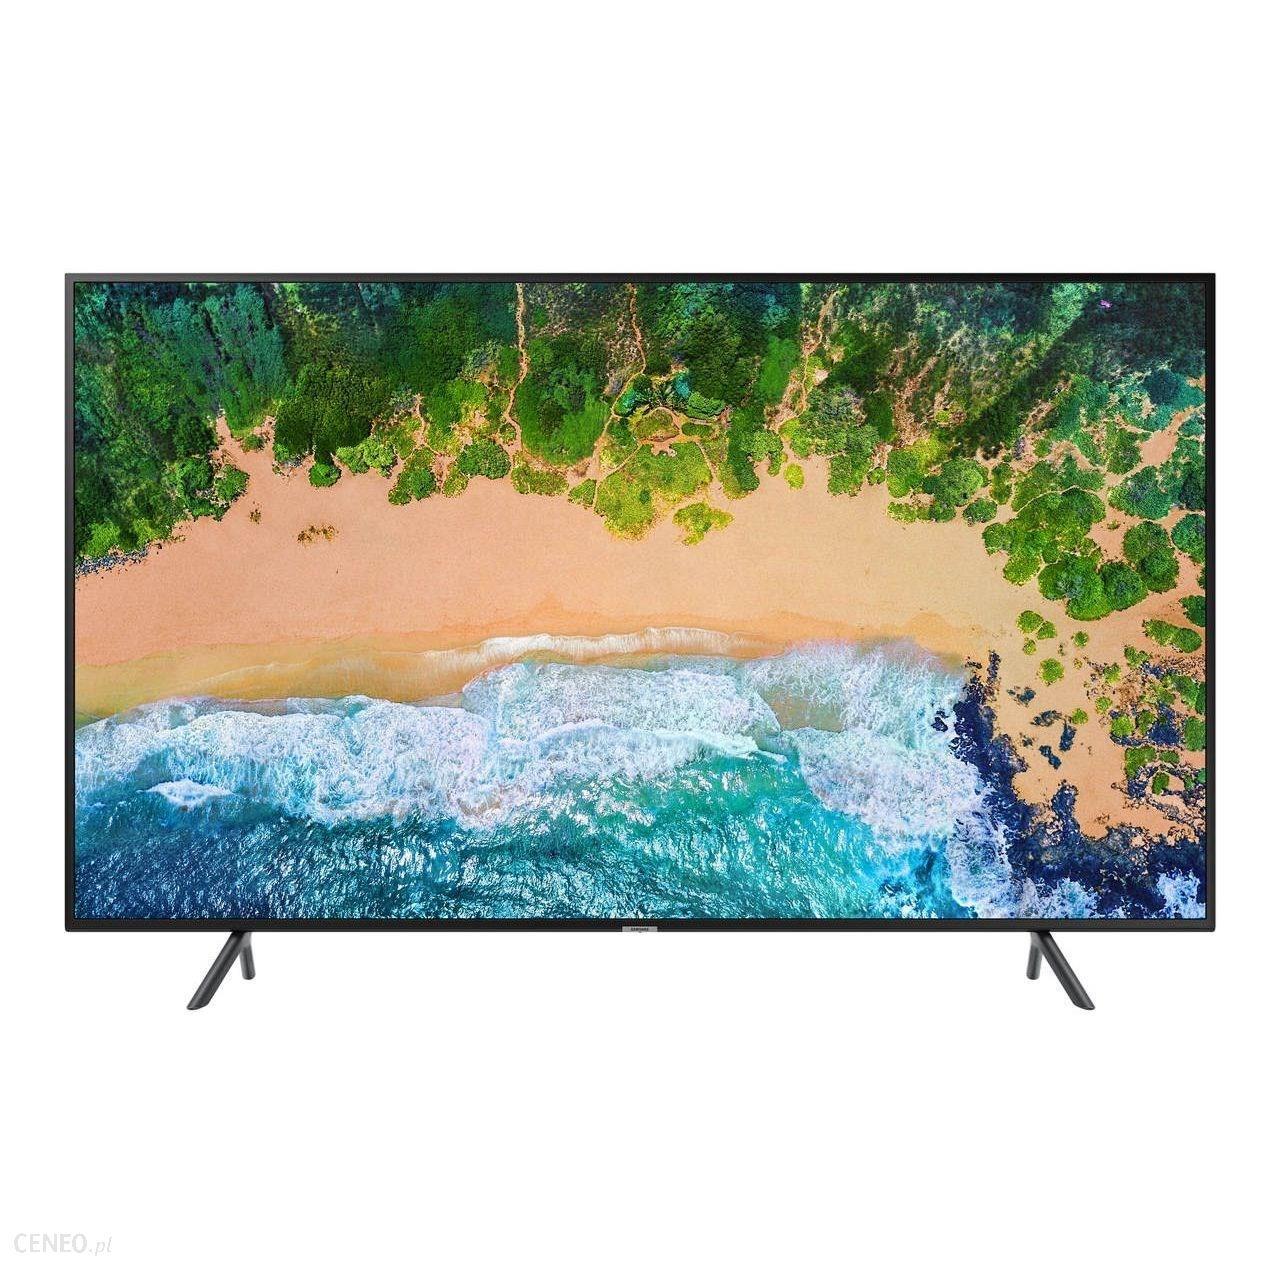 Jaki telewizor do 2000 zł wybrać